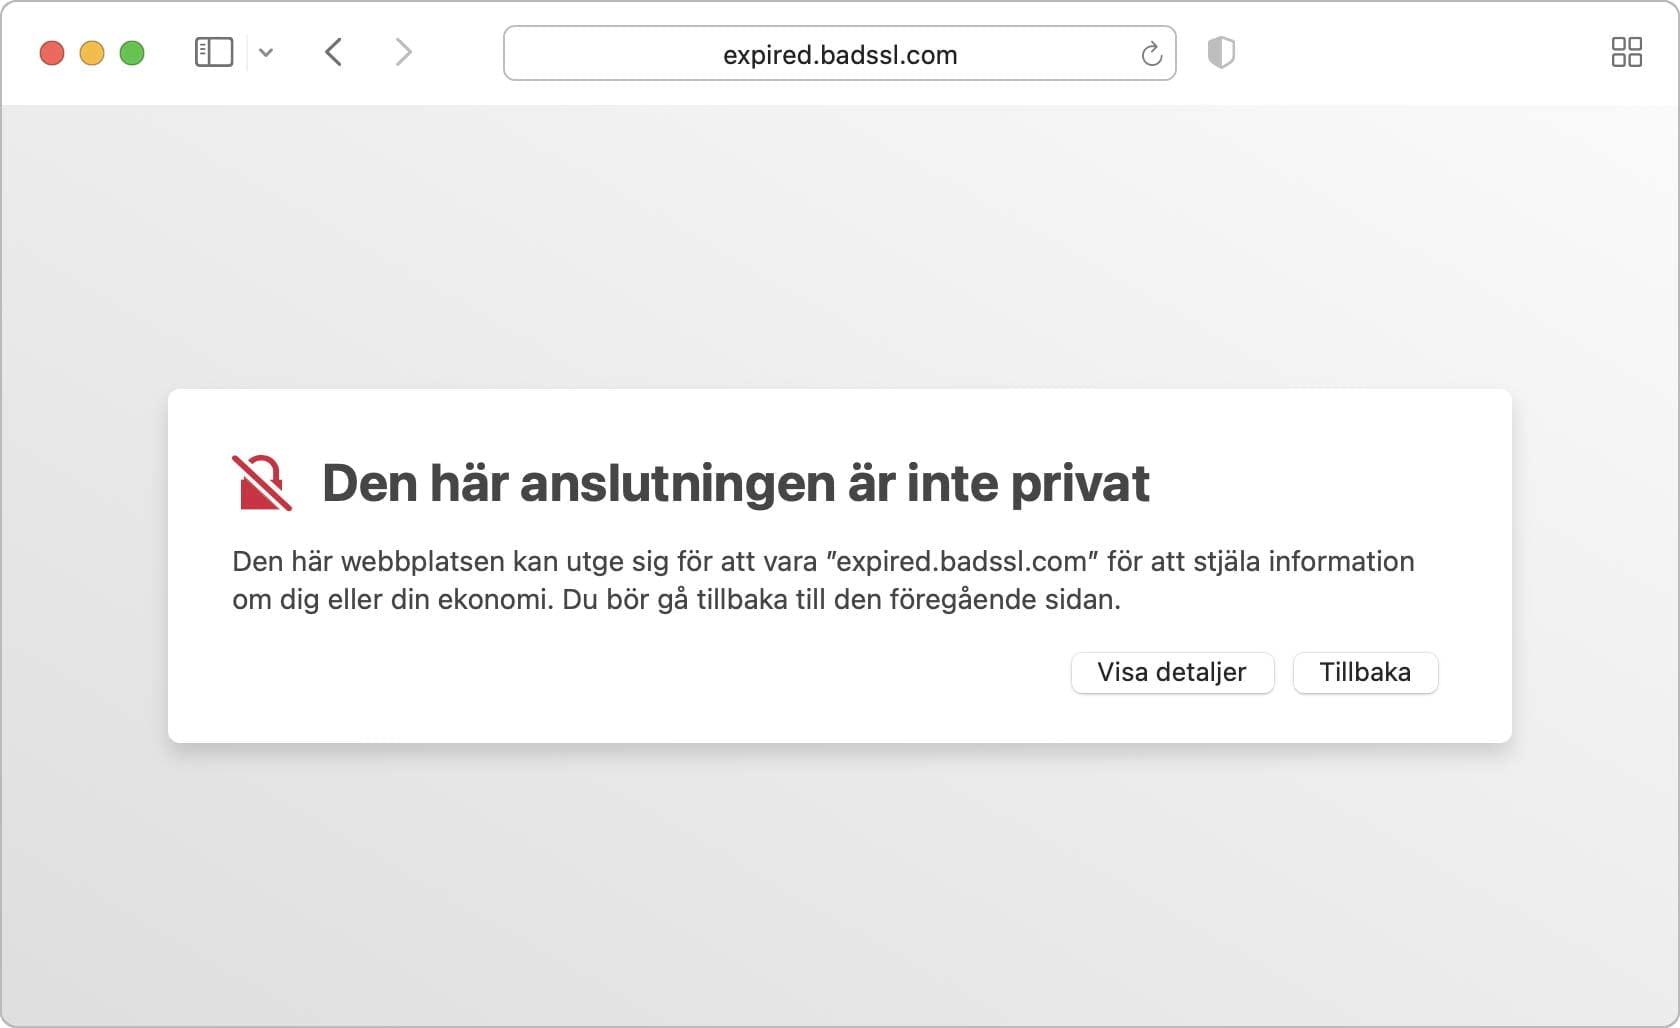 Safari varnar för att anslutningen inte är privat.